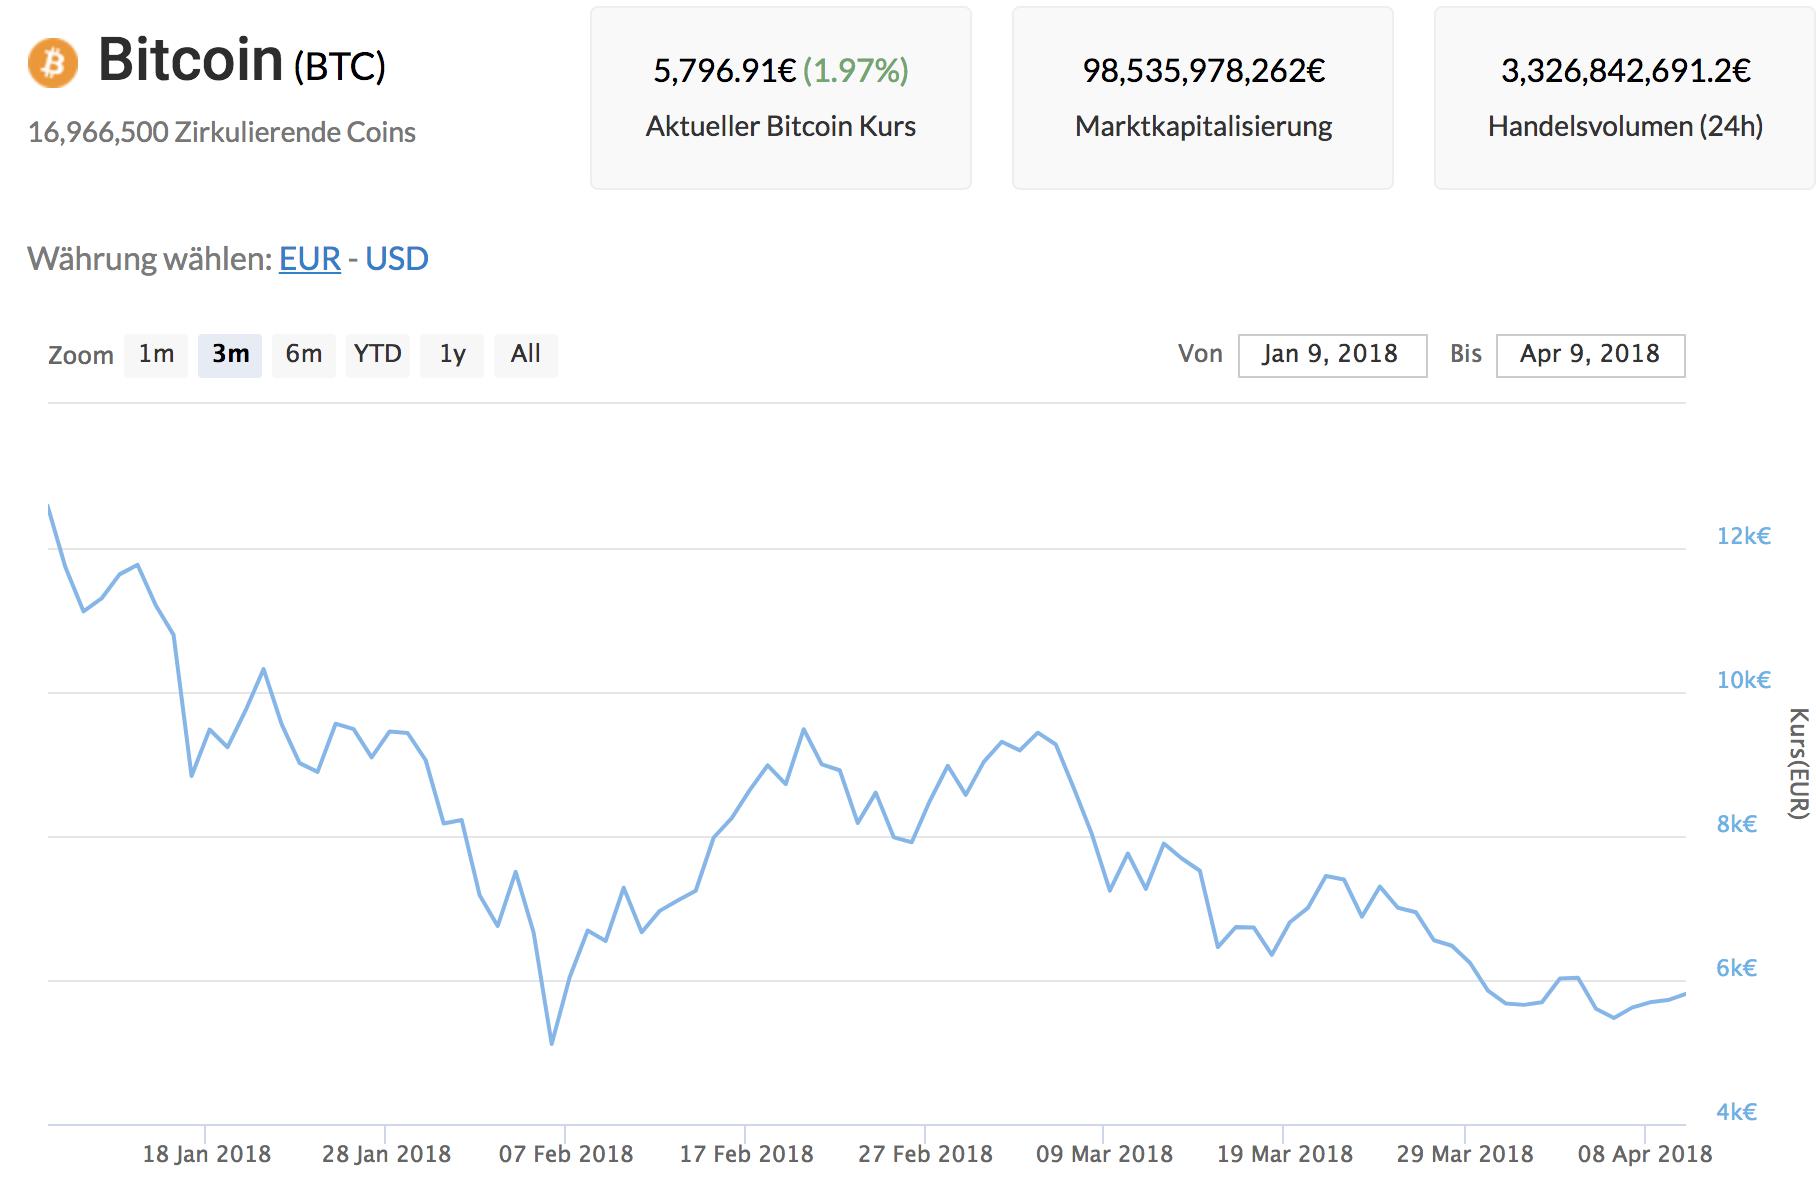 Aktueller Bitcoin Kurs